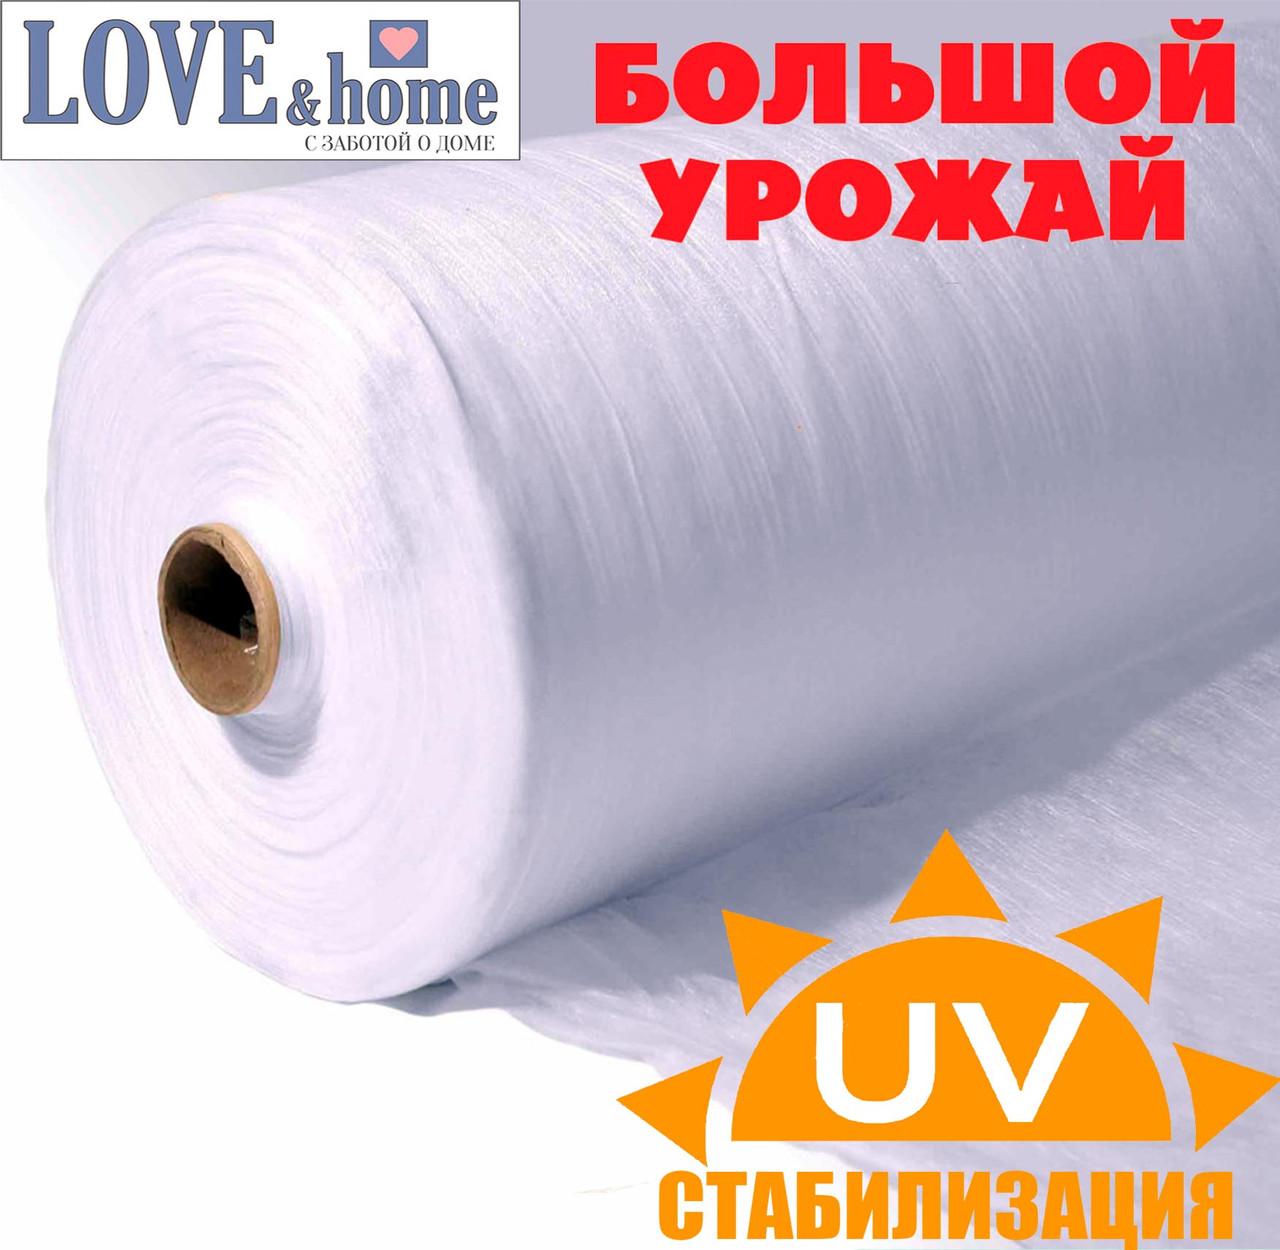 Агроволокно біле, щільність 23г/м2. ширина 3.2 м. довжина 100м.